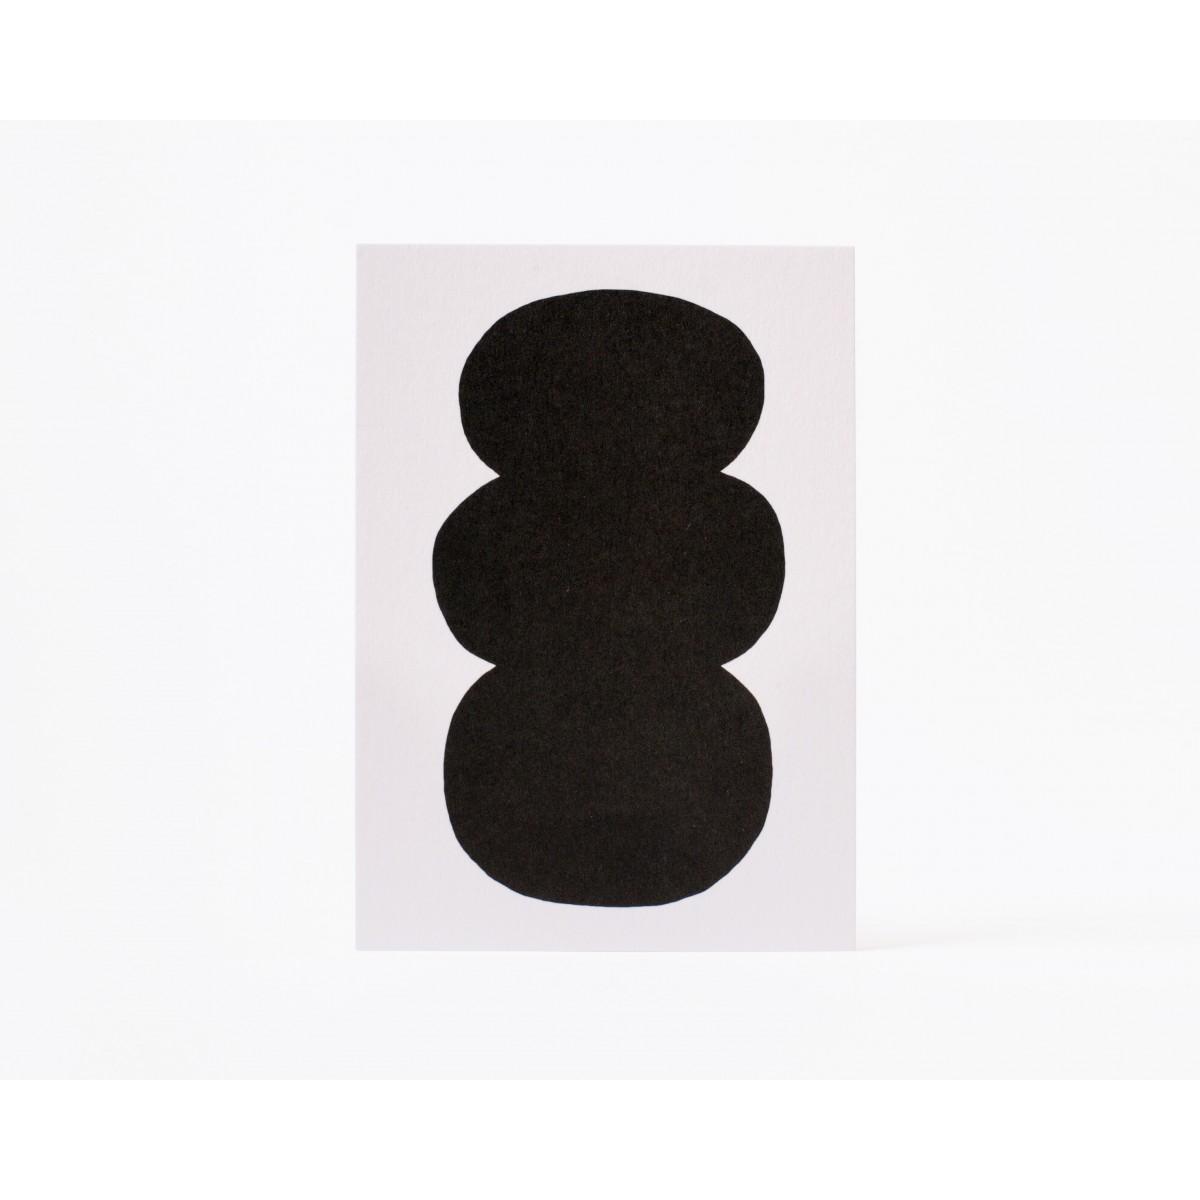 stefanizen – Bong Postkarte DIN A6 mit Umschlag